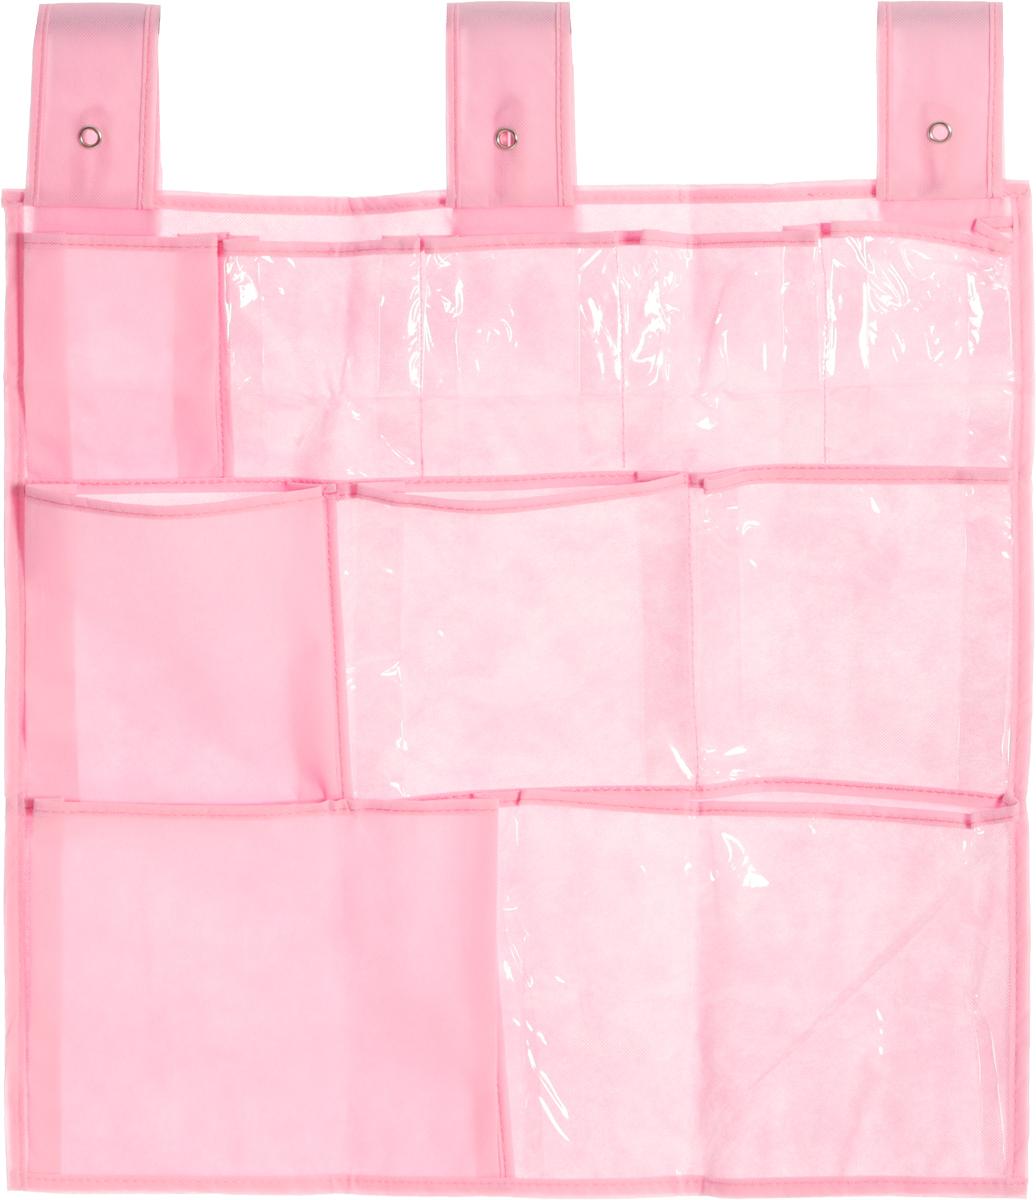 Органайзер для мелочей Все на местах Minimalistic, подвесной, цвет: розовый, 10 карманов, 56 x 56 см1014020.Подвесной органайзер Все на местах Minimalistic, изготовленный из ПВХ и спанбонда, предназначен для хранения необходимых вещей, множества мелочей в гардеробной, ванной комнате. Изделие выполнено в прямоугольной форме с 10 пришитыми кармашками. Крепится органайзер на широкие лямки на липучках. Этот нужный предмет может стать одновременно и декоративным элементом комнаты. Яркий дизайн, как ничто иное, способен оживить интерьер вашего дома. Размер органайзера: 56 х 56 см.